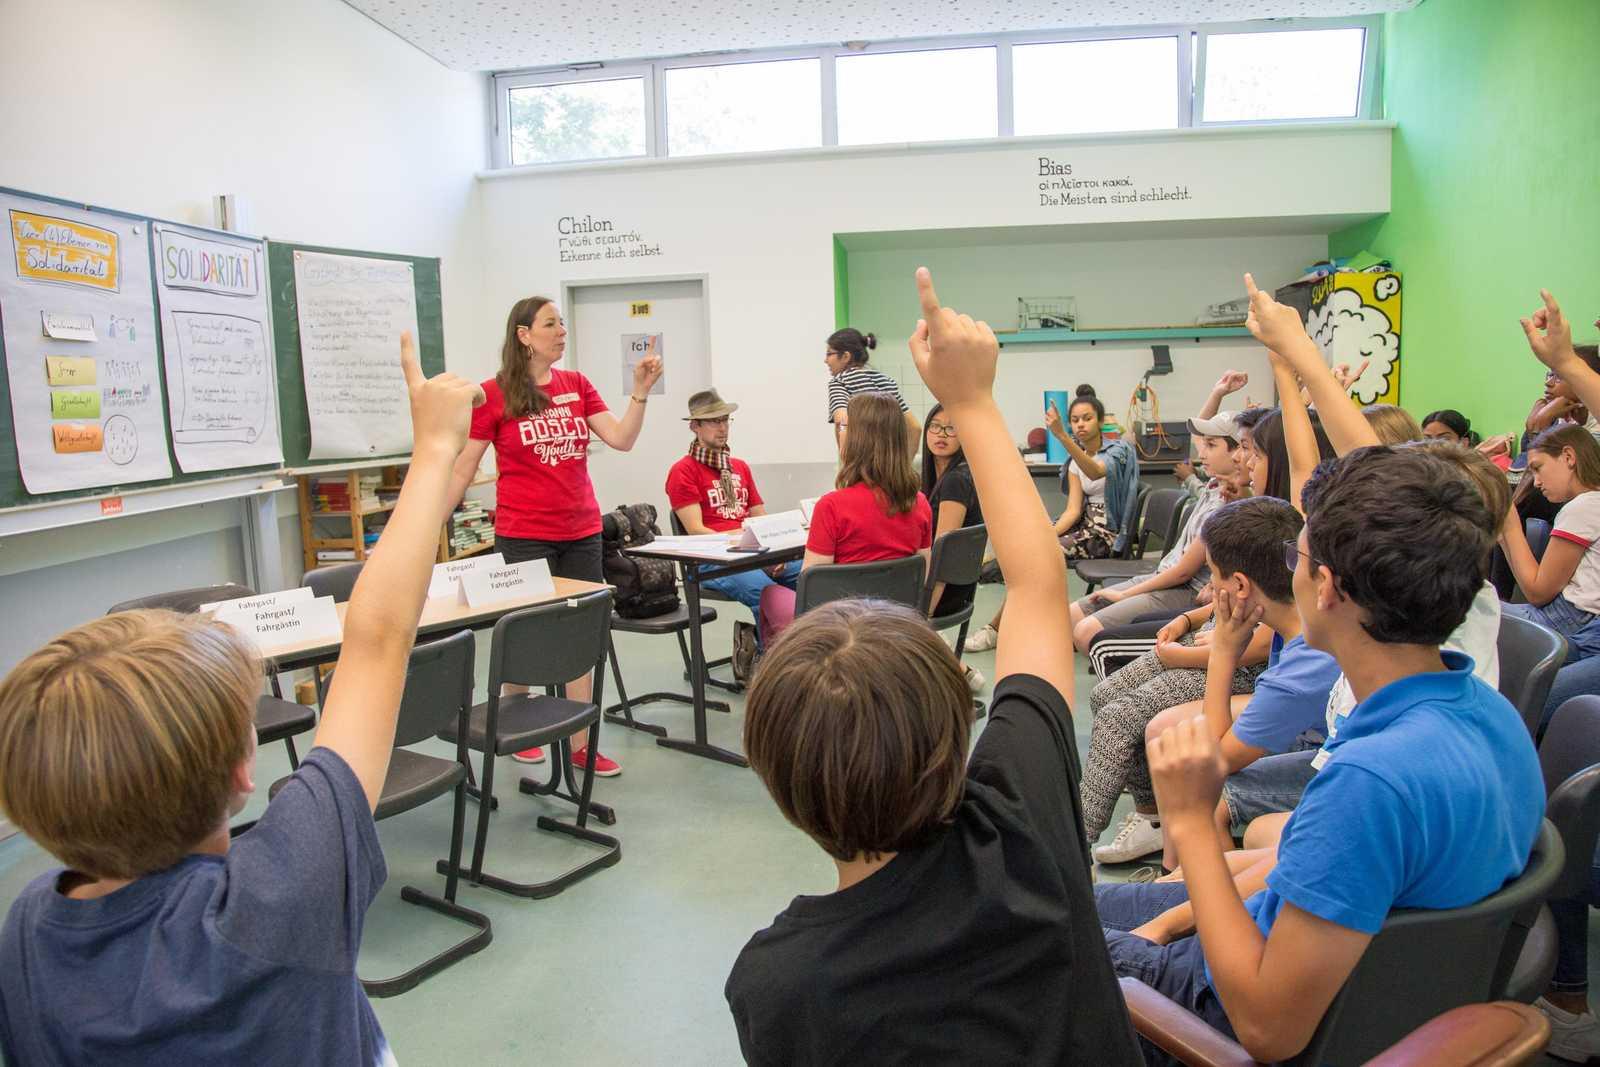 mehrere Schüler zeigen auf